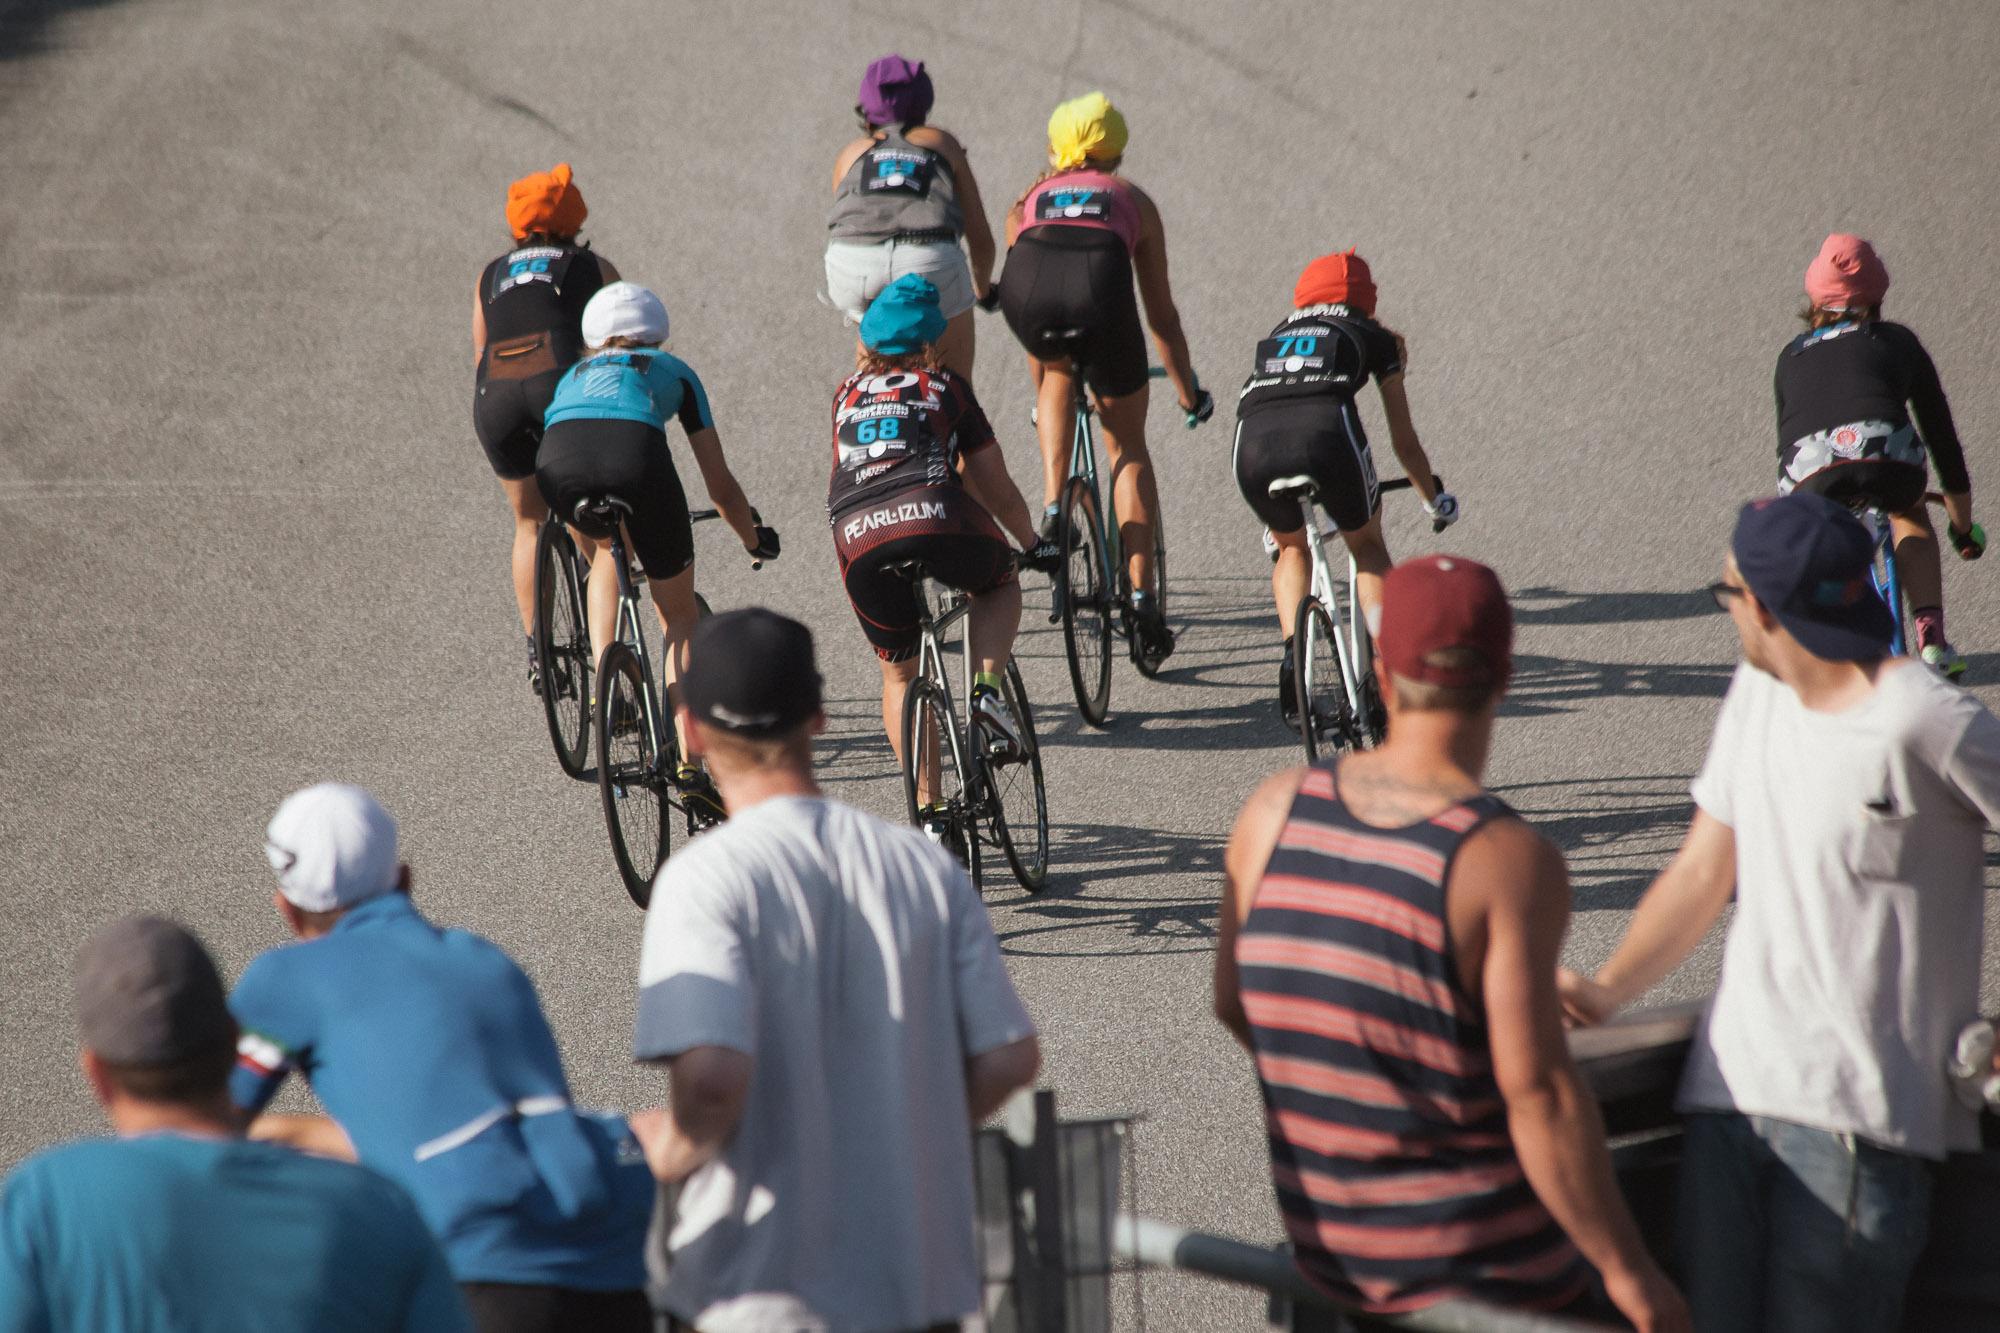 RAD RACE Last Man Standing Heidbergring 140809 Pic by Stefan Haehnel : recentlie.com_7.jpg